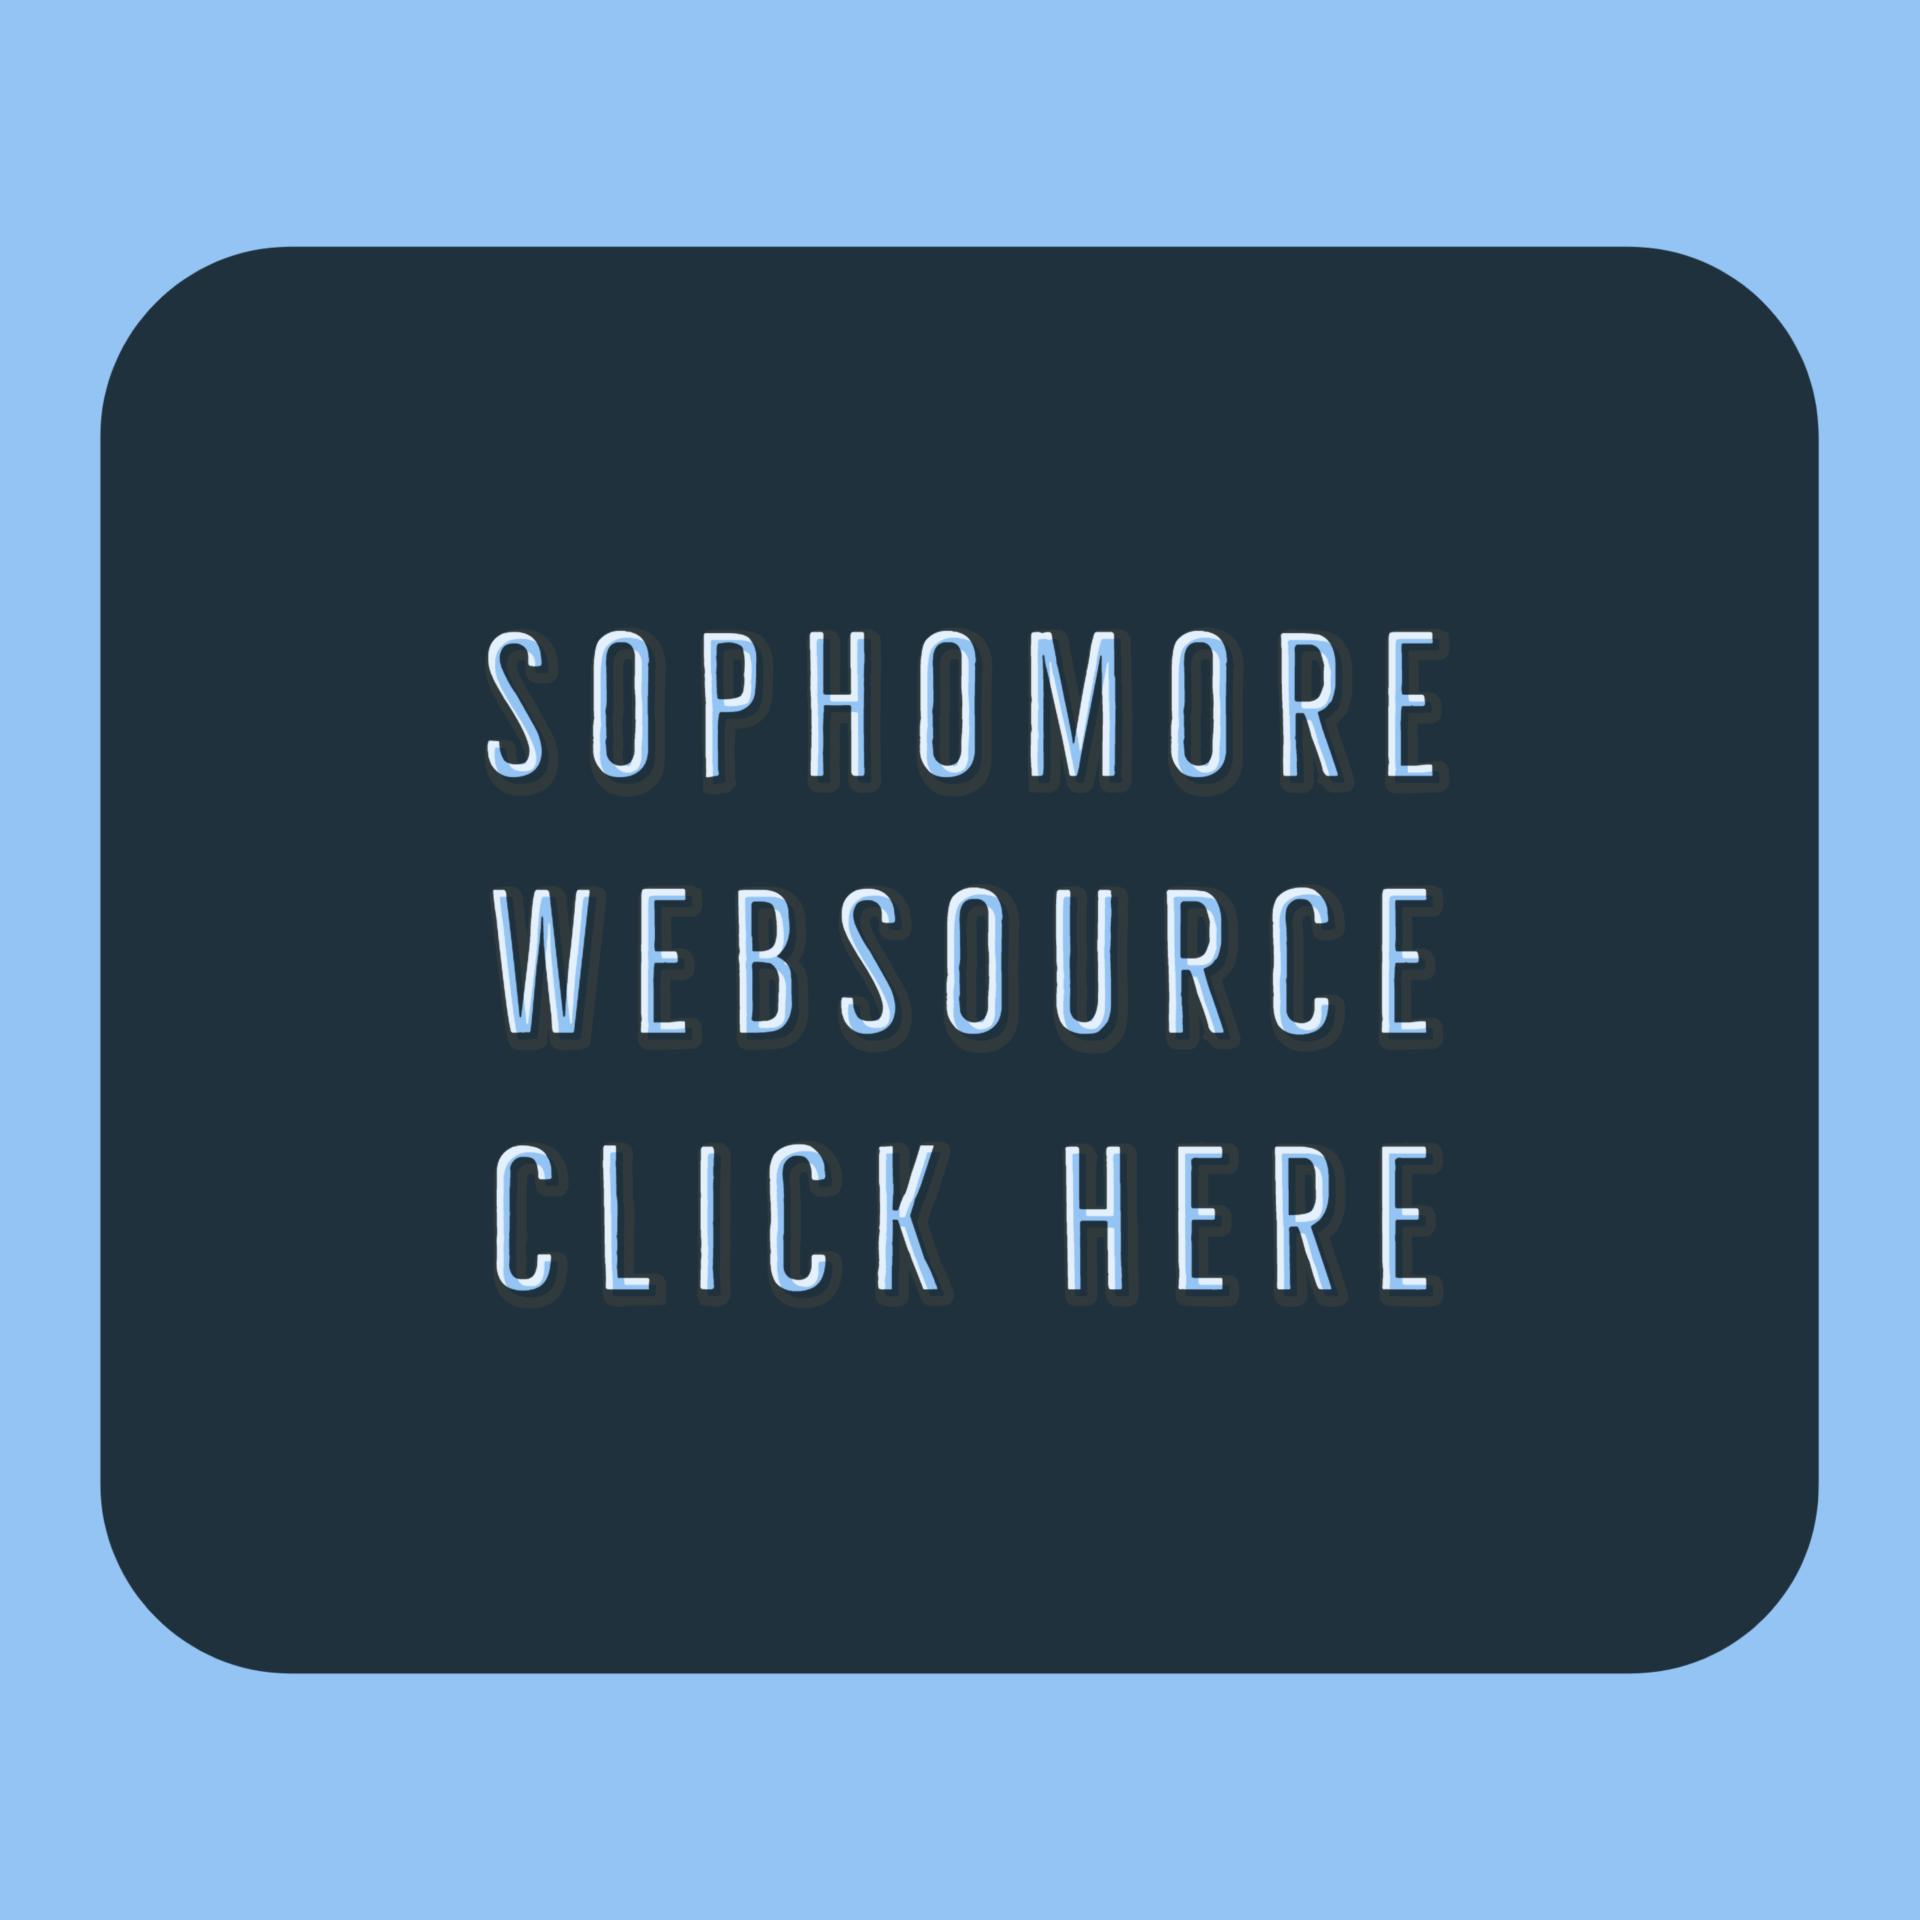 Sophomore Websource